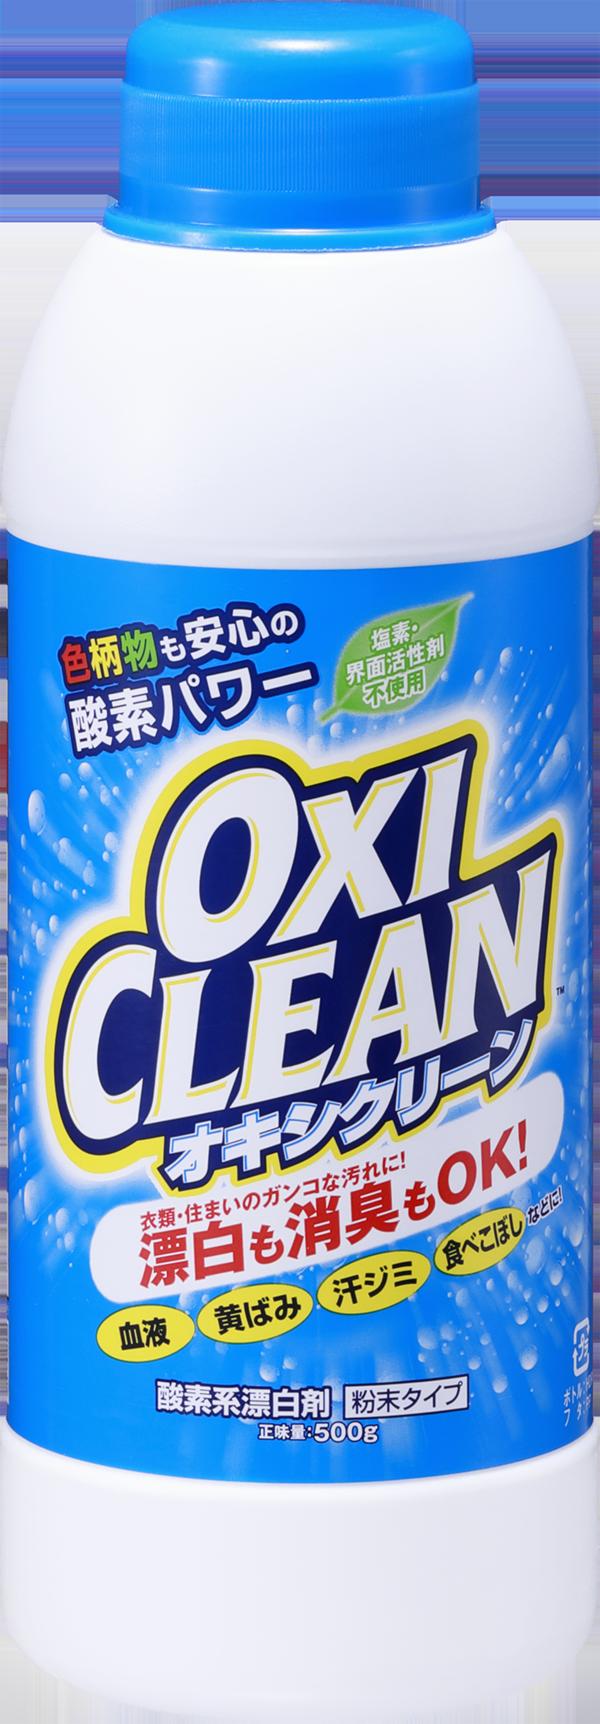 オキシクリーン新作CM「オキシ漬けで除菌」篇を2020年8月4日(火)放送開始